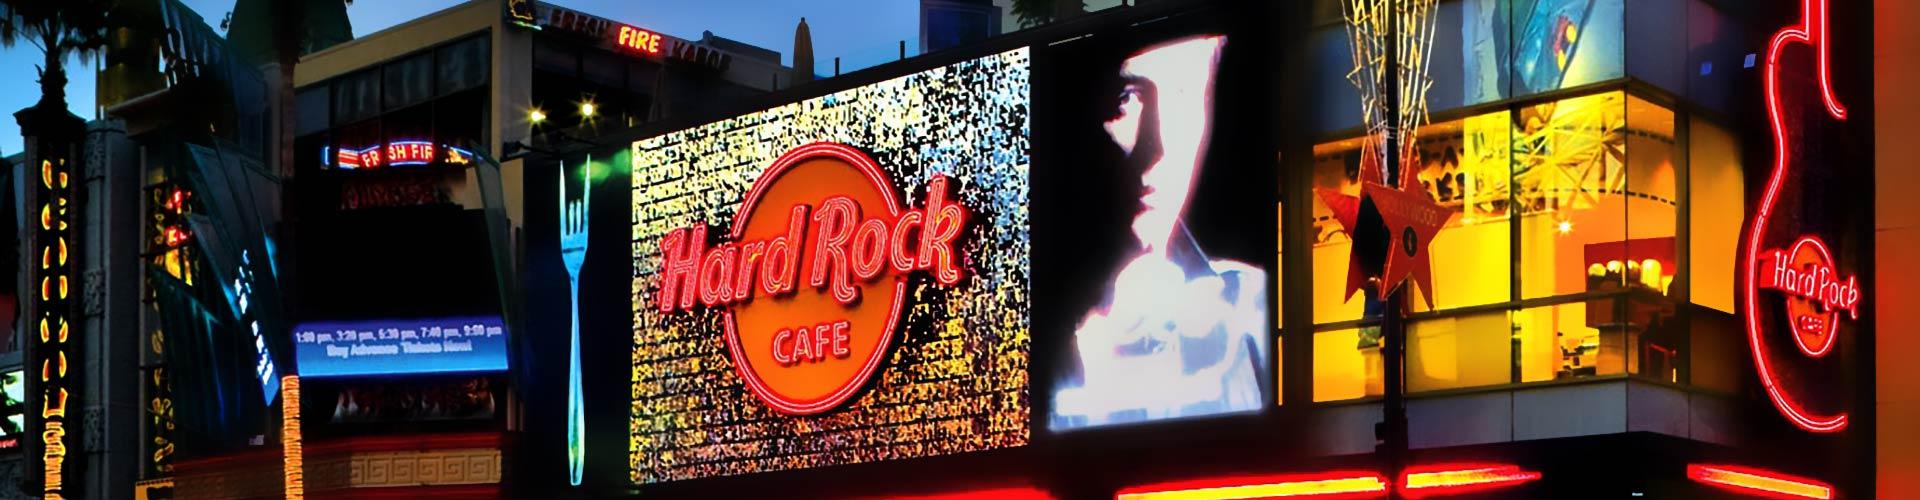 Hard Rock Cafe Header 1920x500